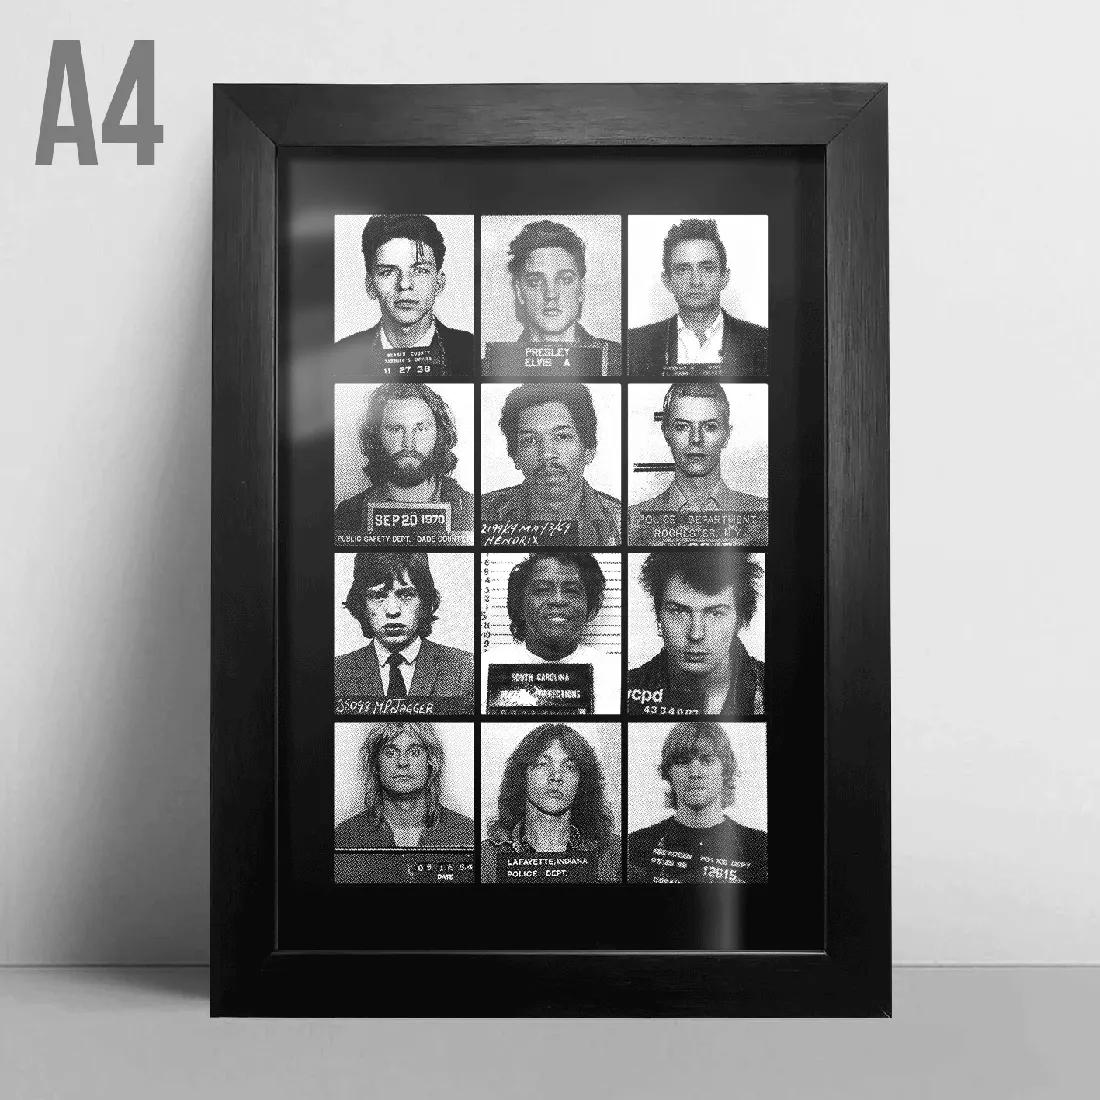 Quadro A4 - Prisons PT